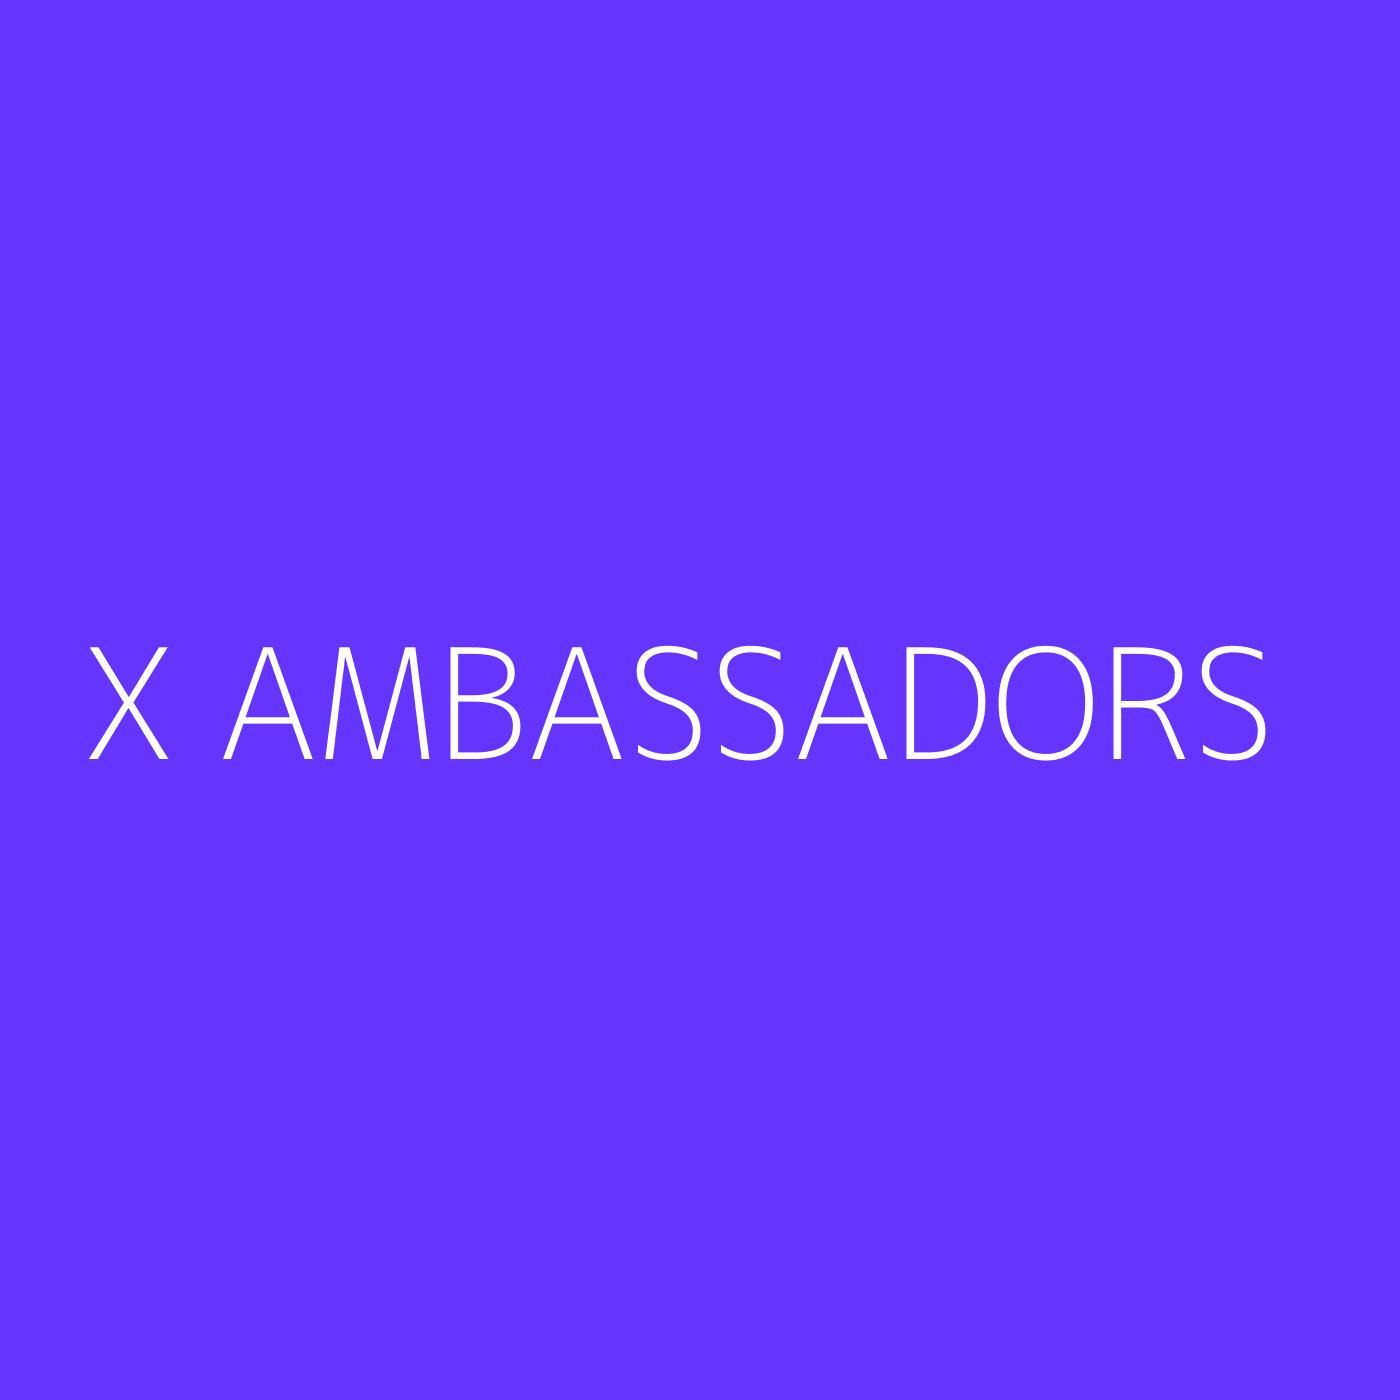 X Ambassadors Playlist Artwork